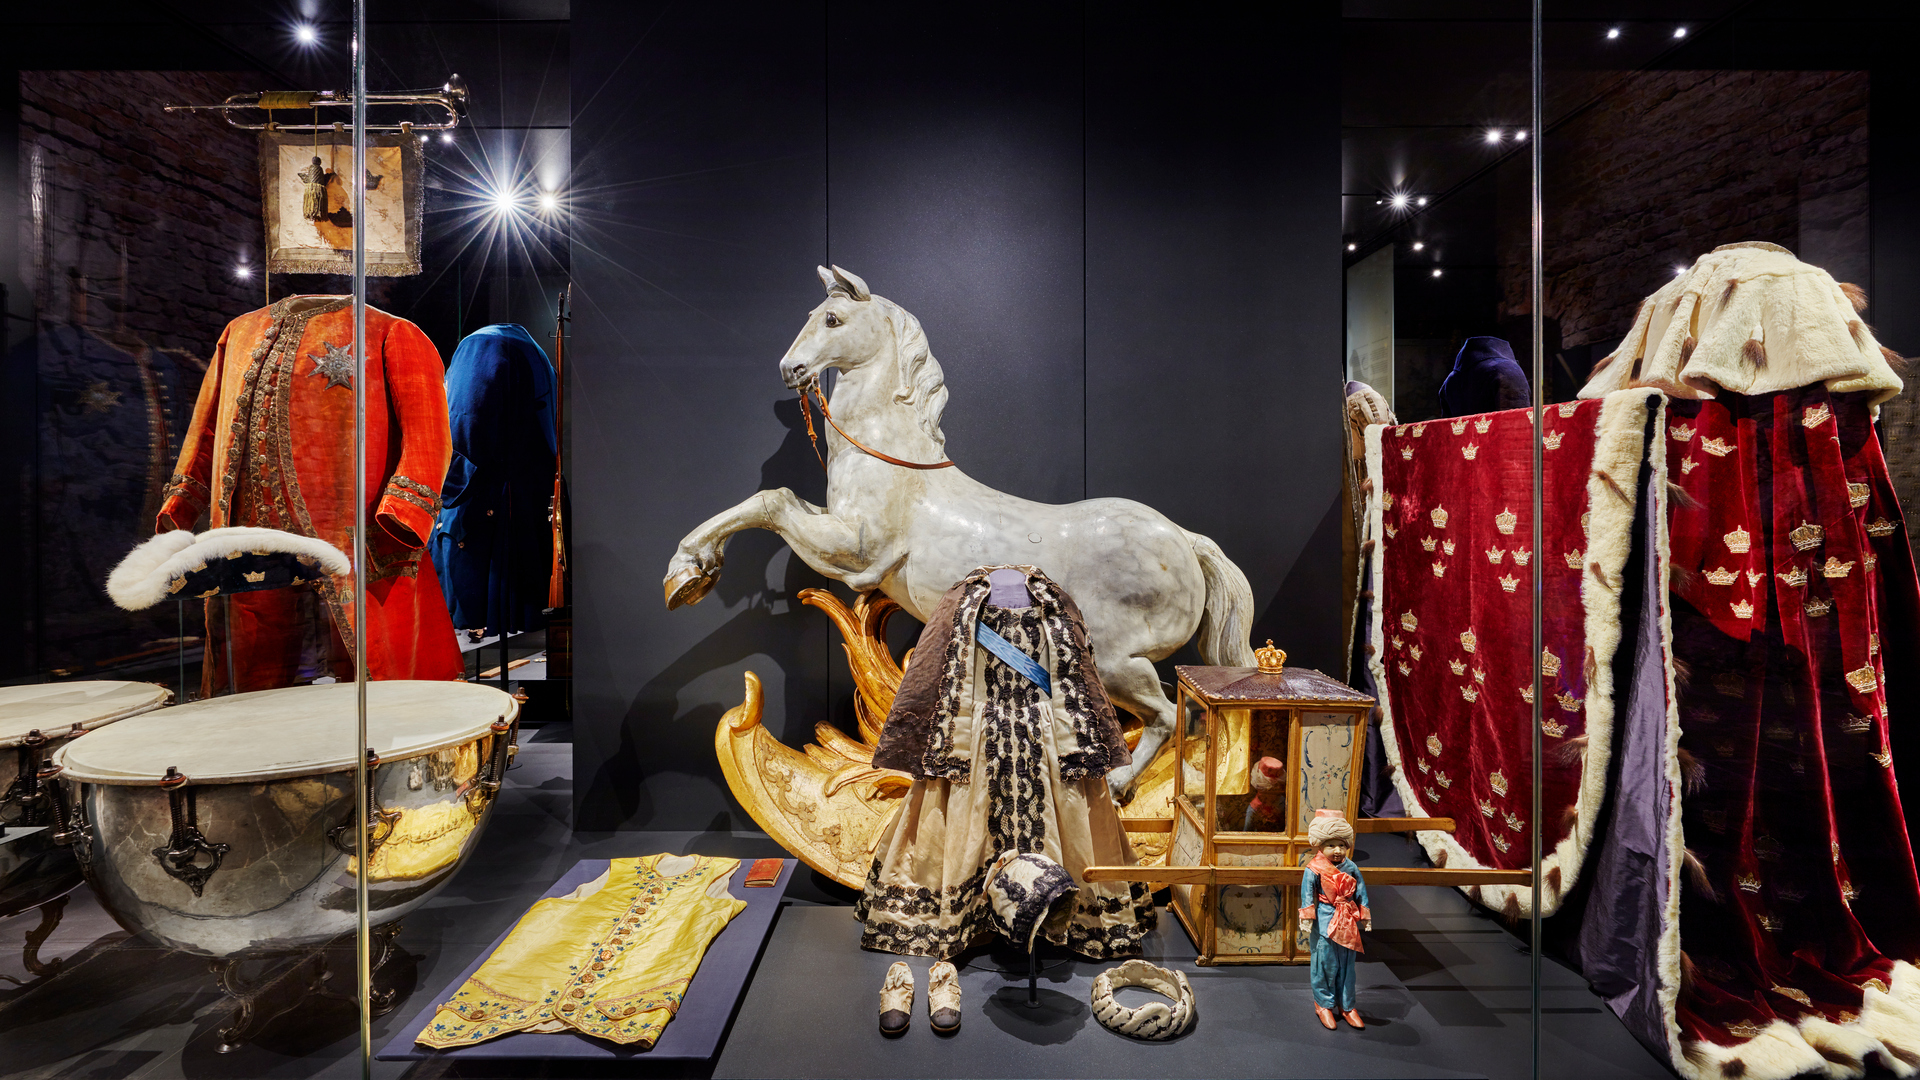 Museimonter på Livrustkammaren med kungliga leksaker.